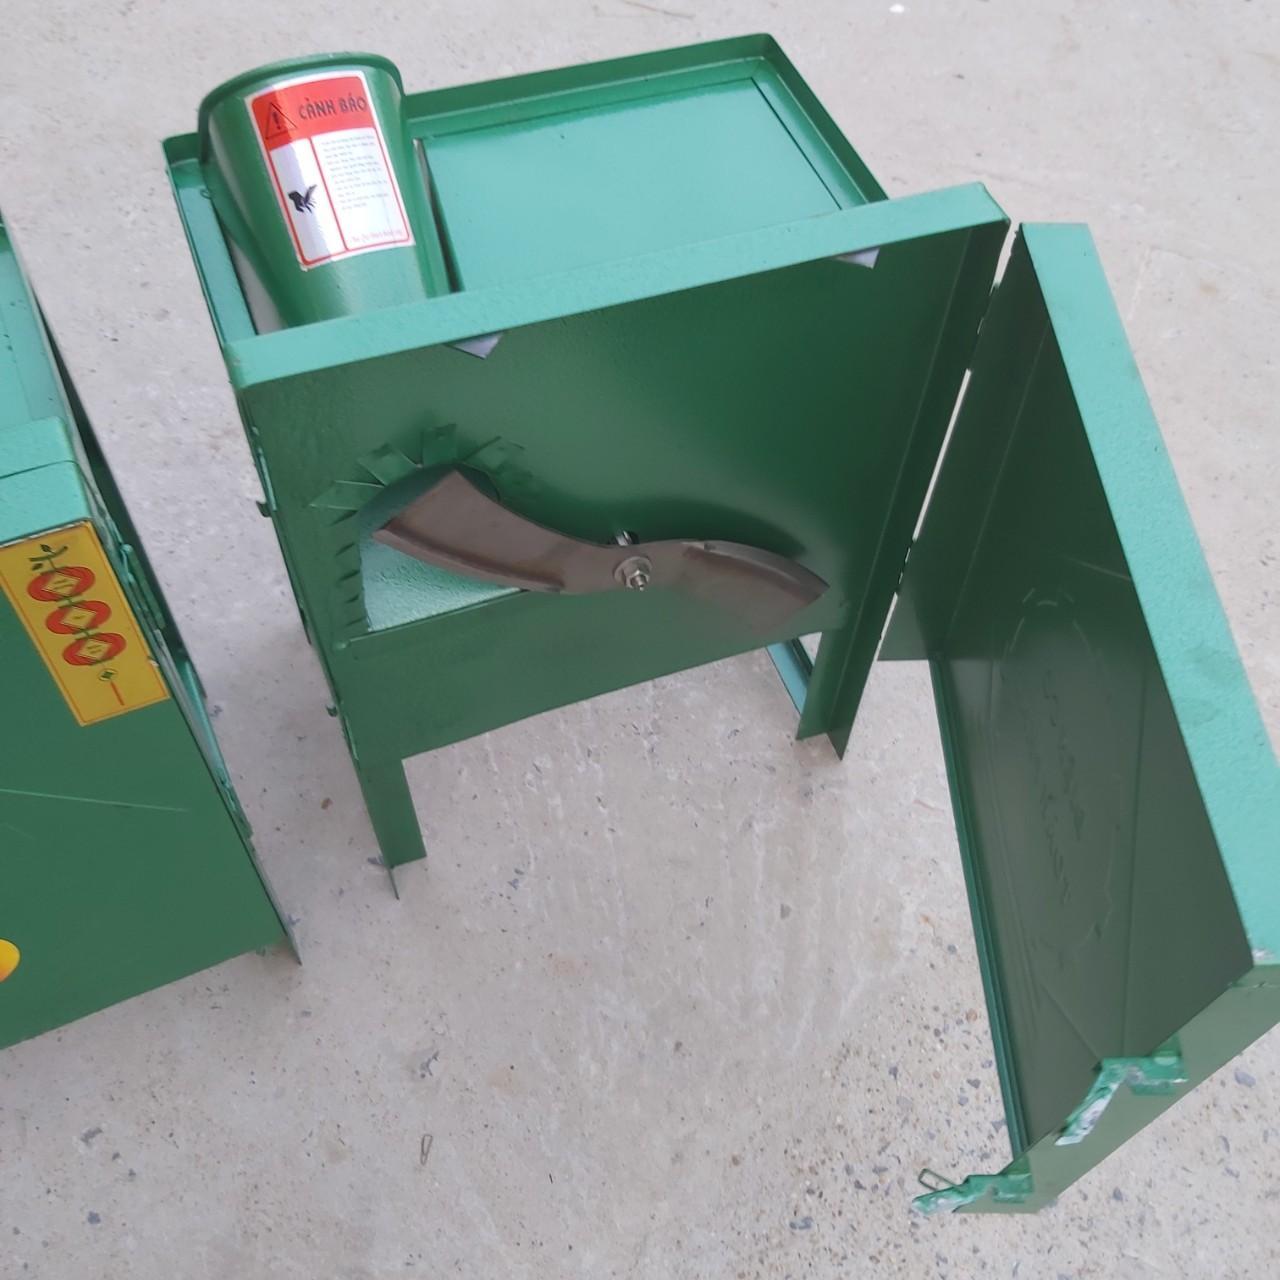 Mua máy thái chuối nào cho t.ốt - Máy thái chuối TK 44-1.1kw